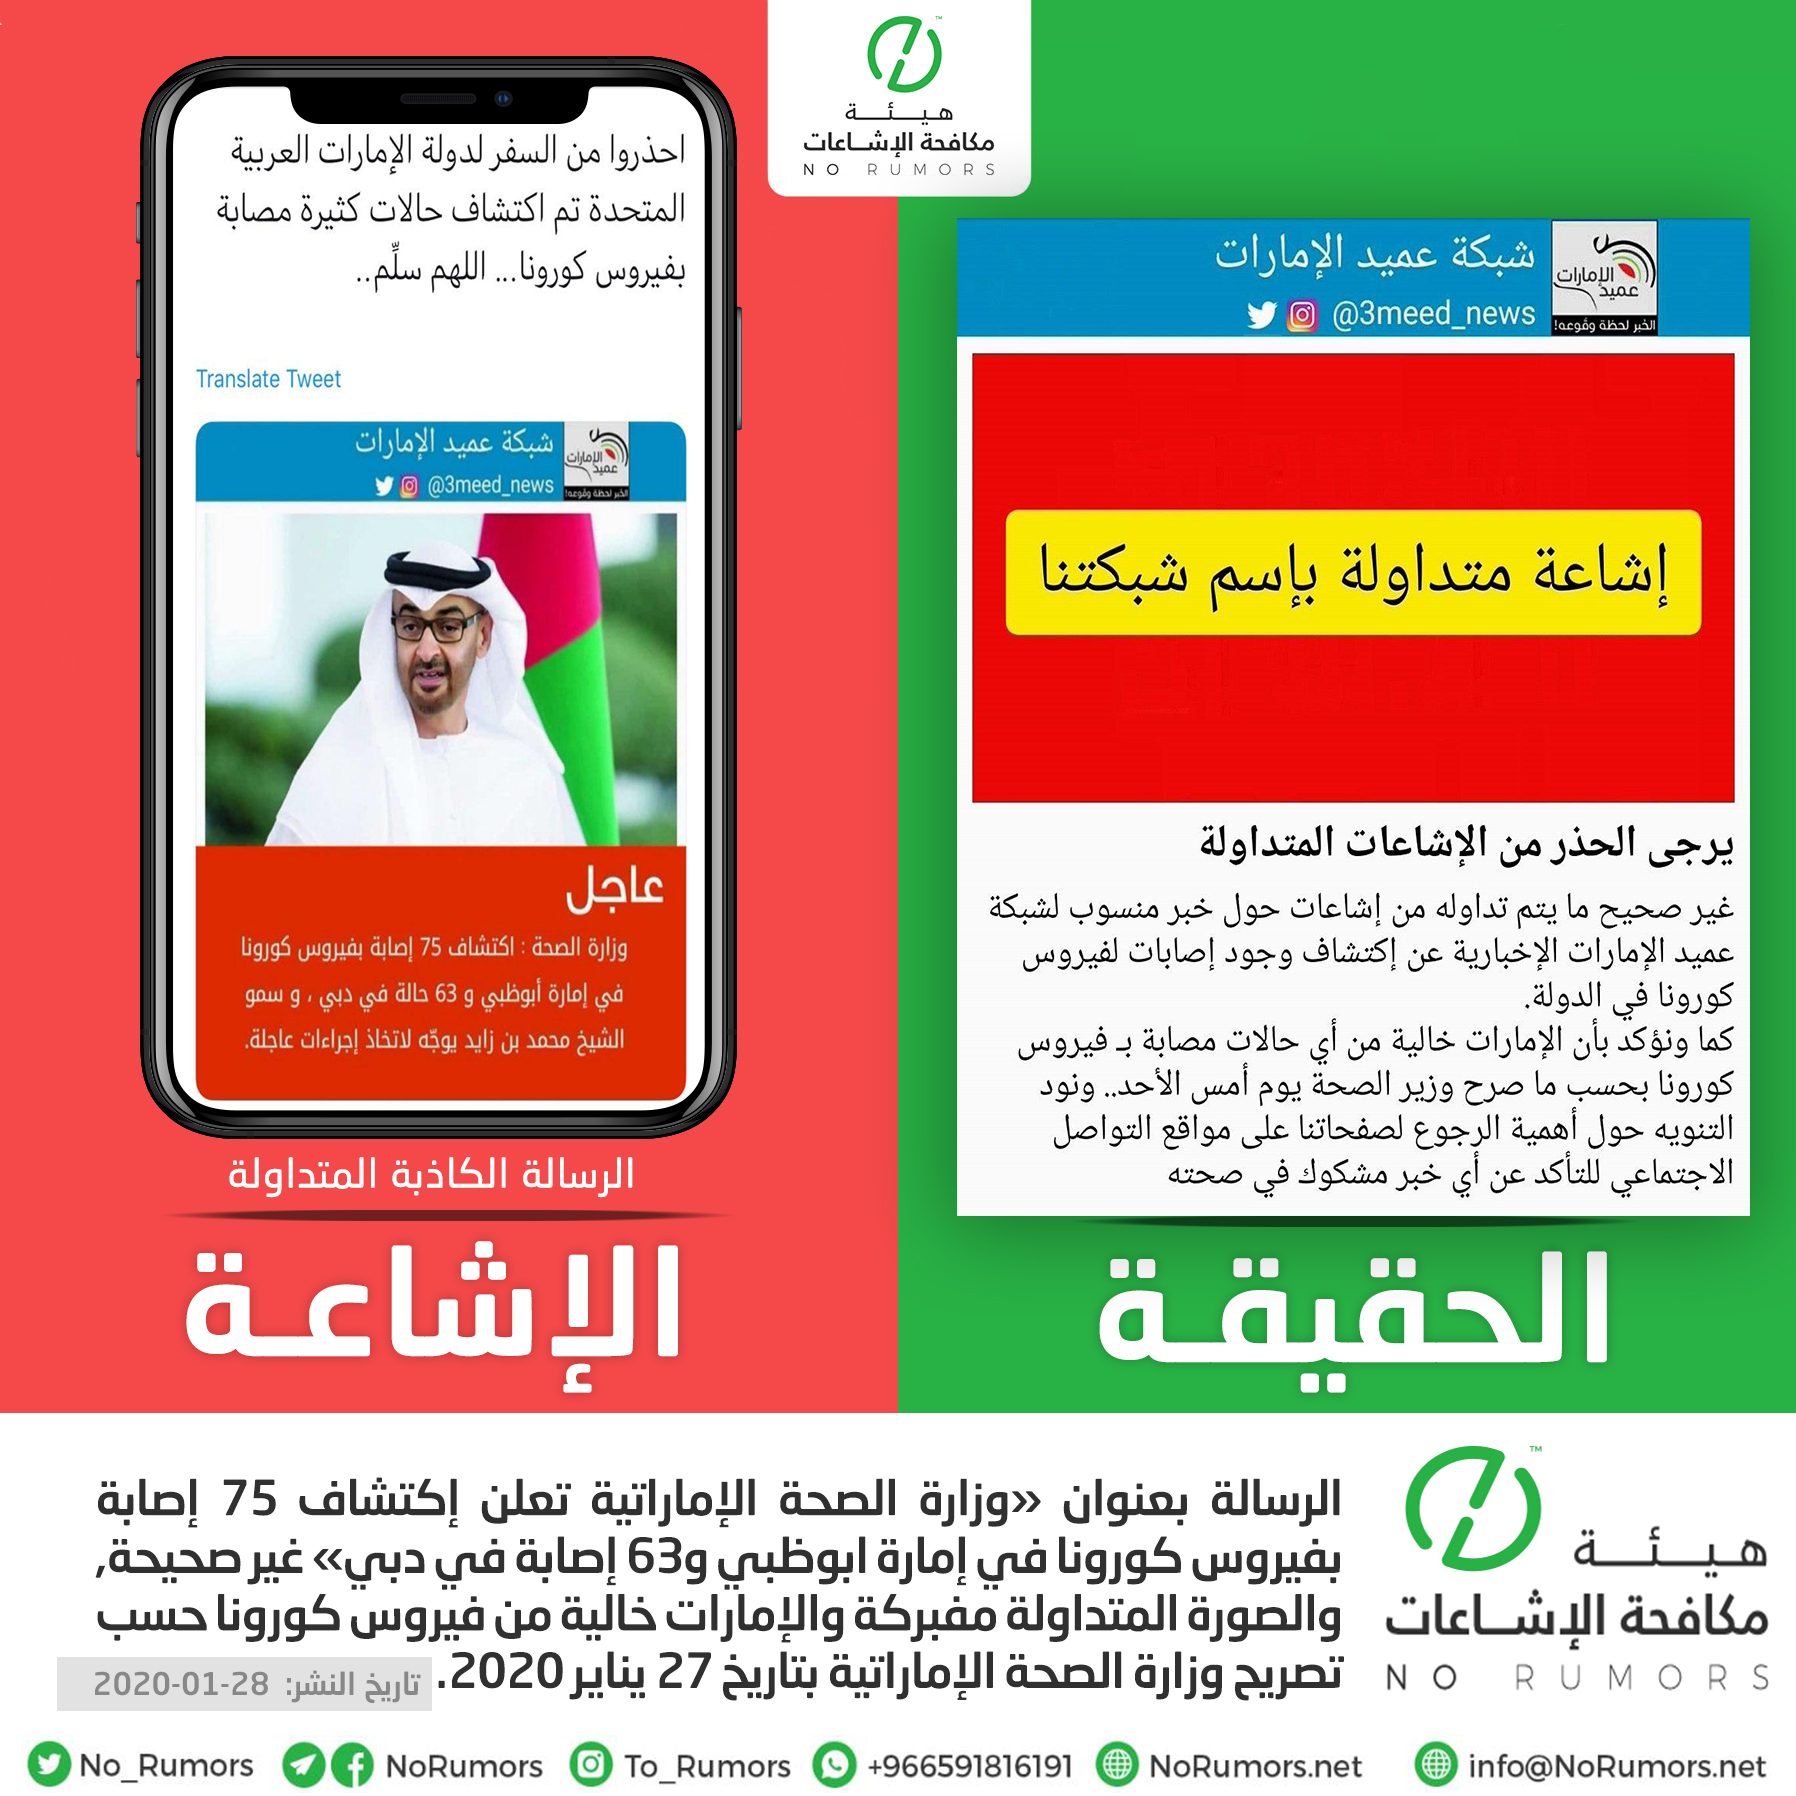 حقيقة إكتشاف 75 إصابة بفيروس كورونا في إمارة ابوظبي و63 إصابة في دبي